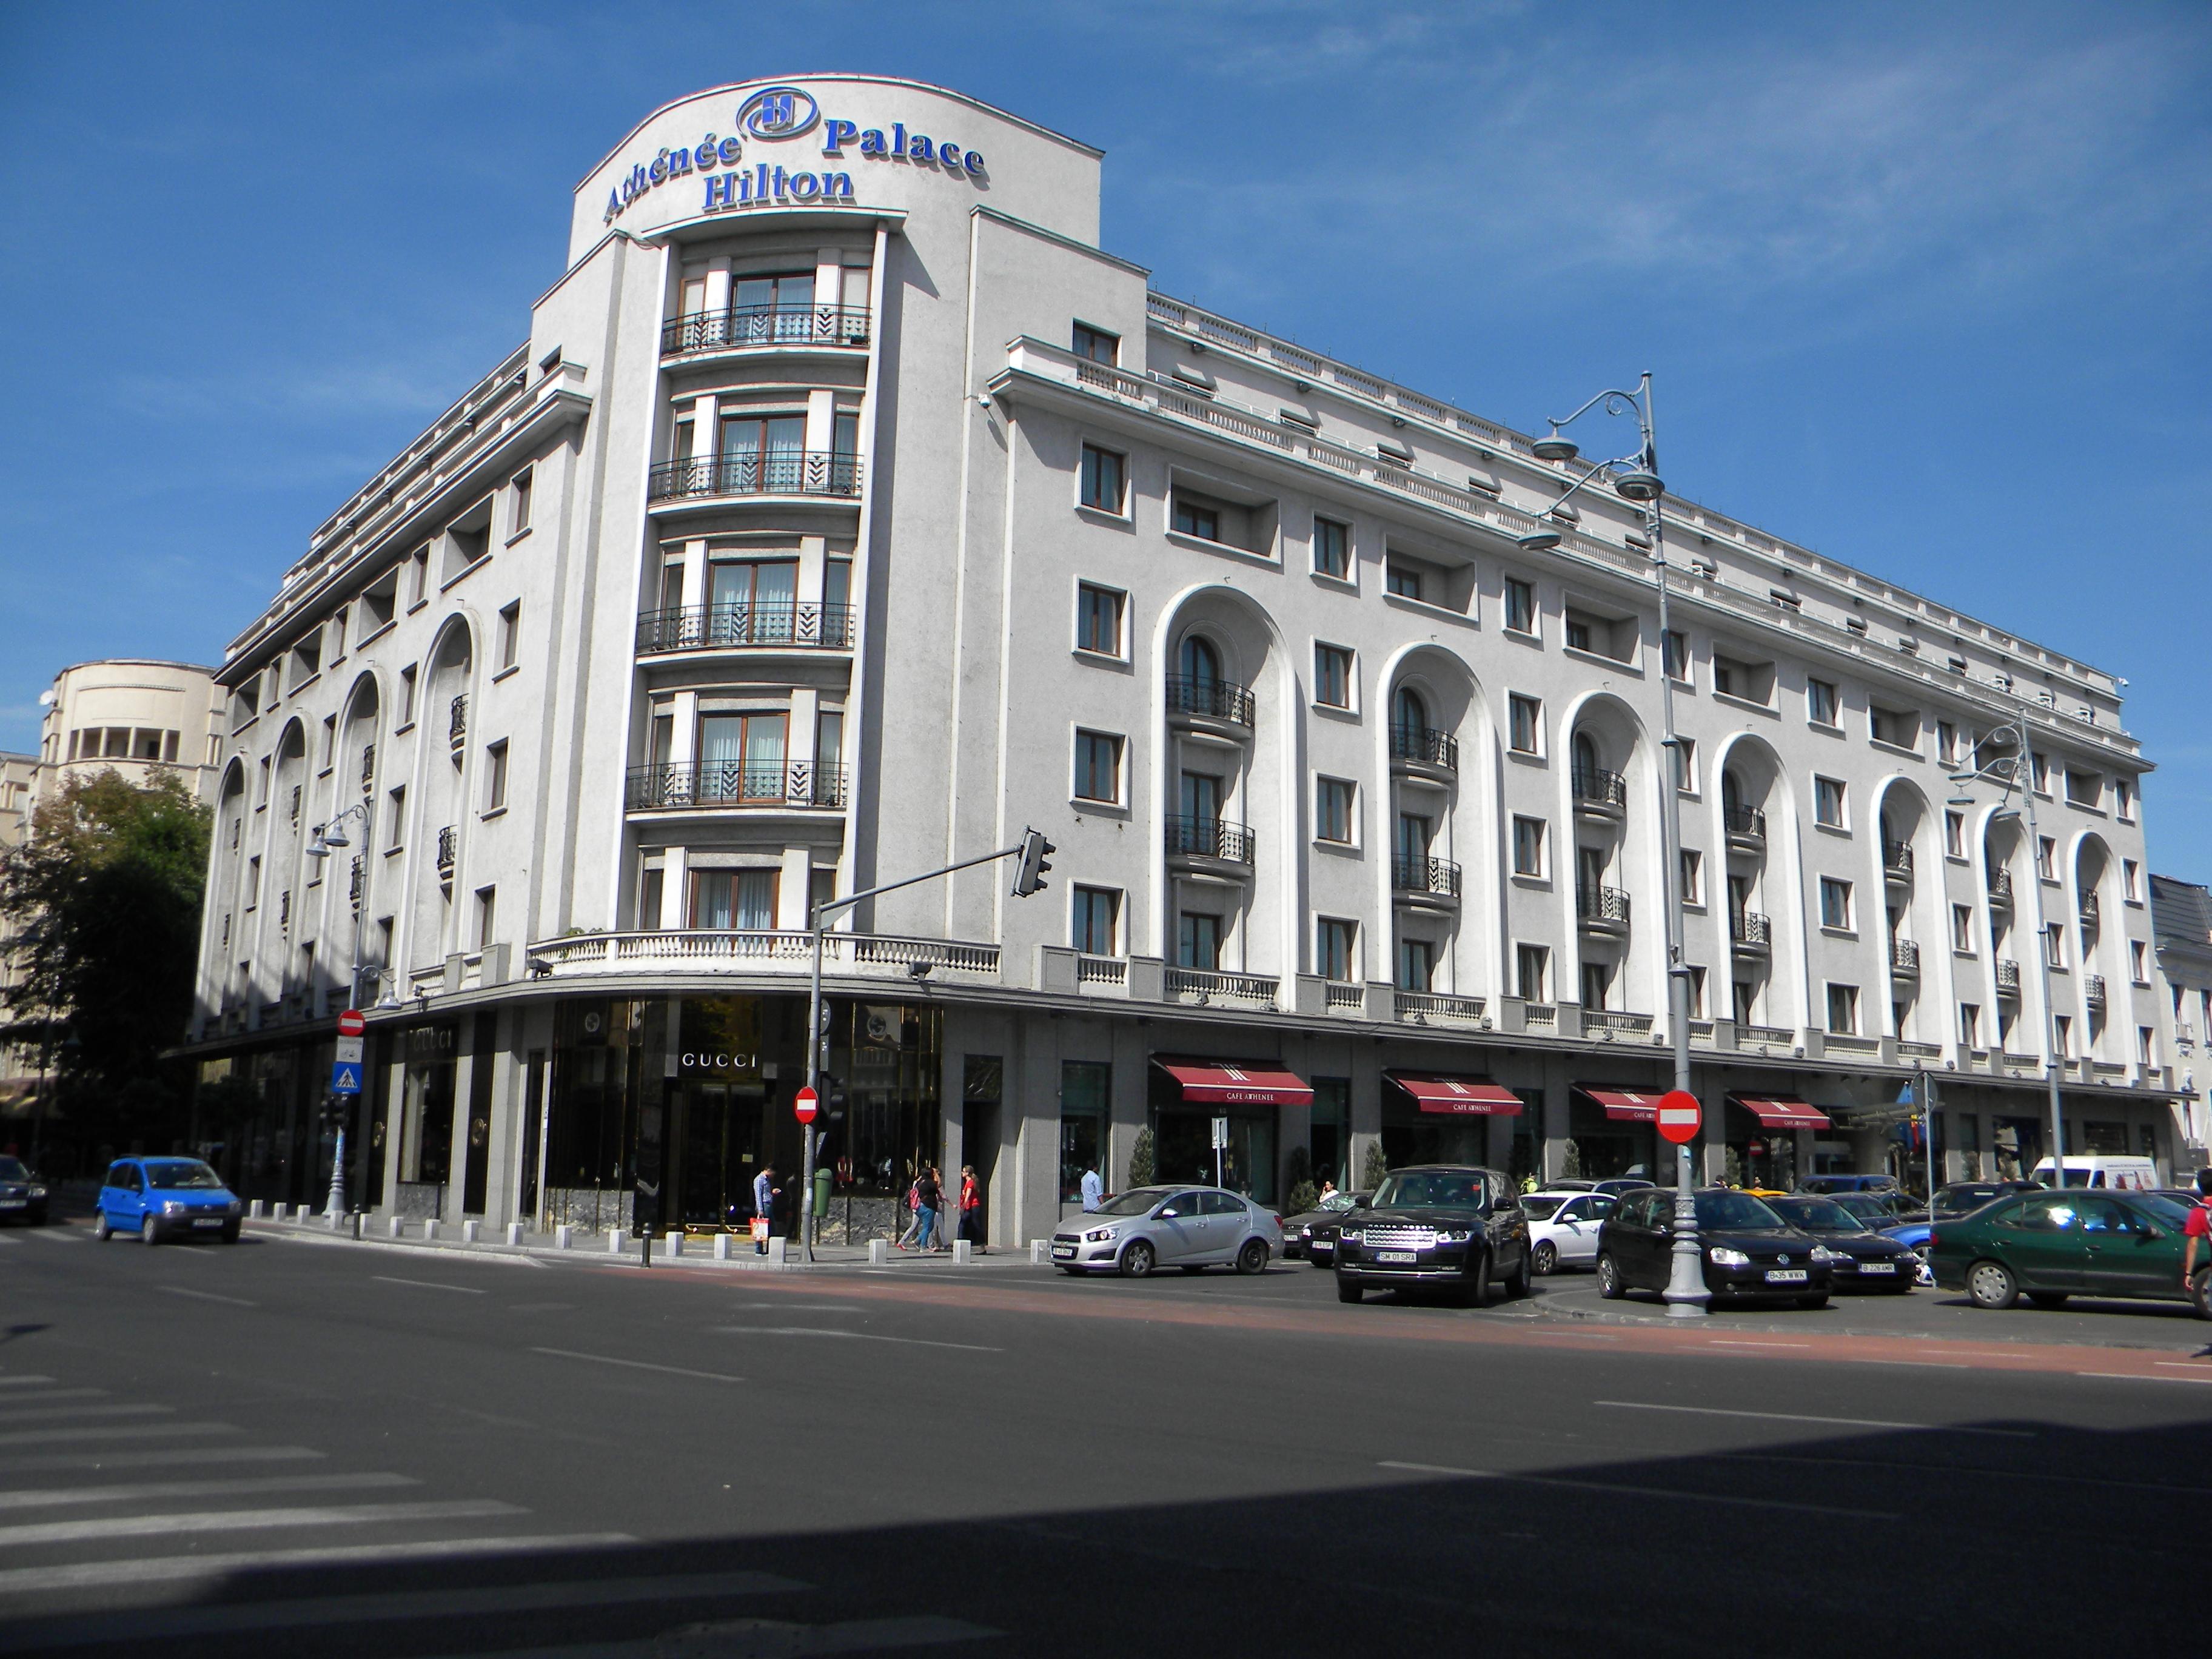 Hotel Athenee Palace